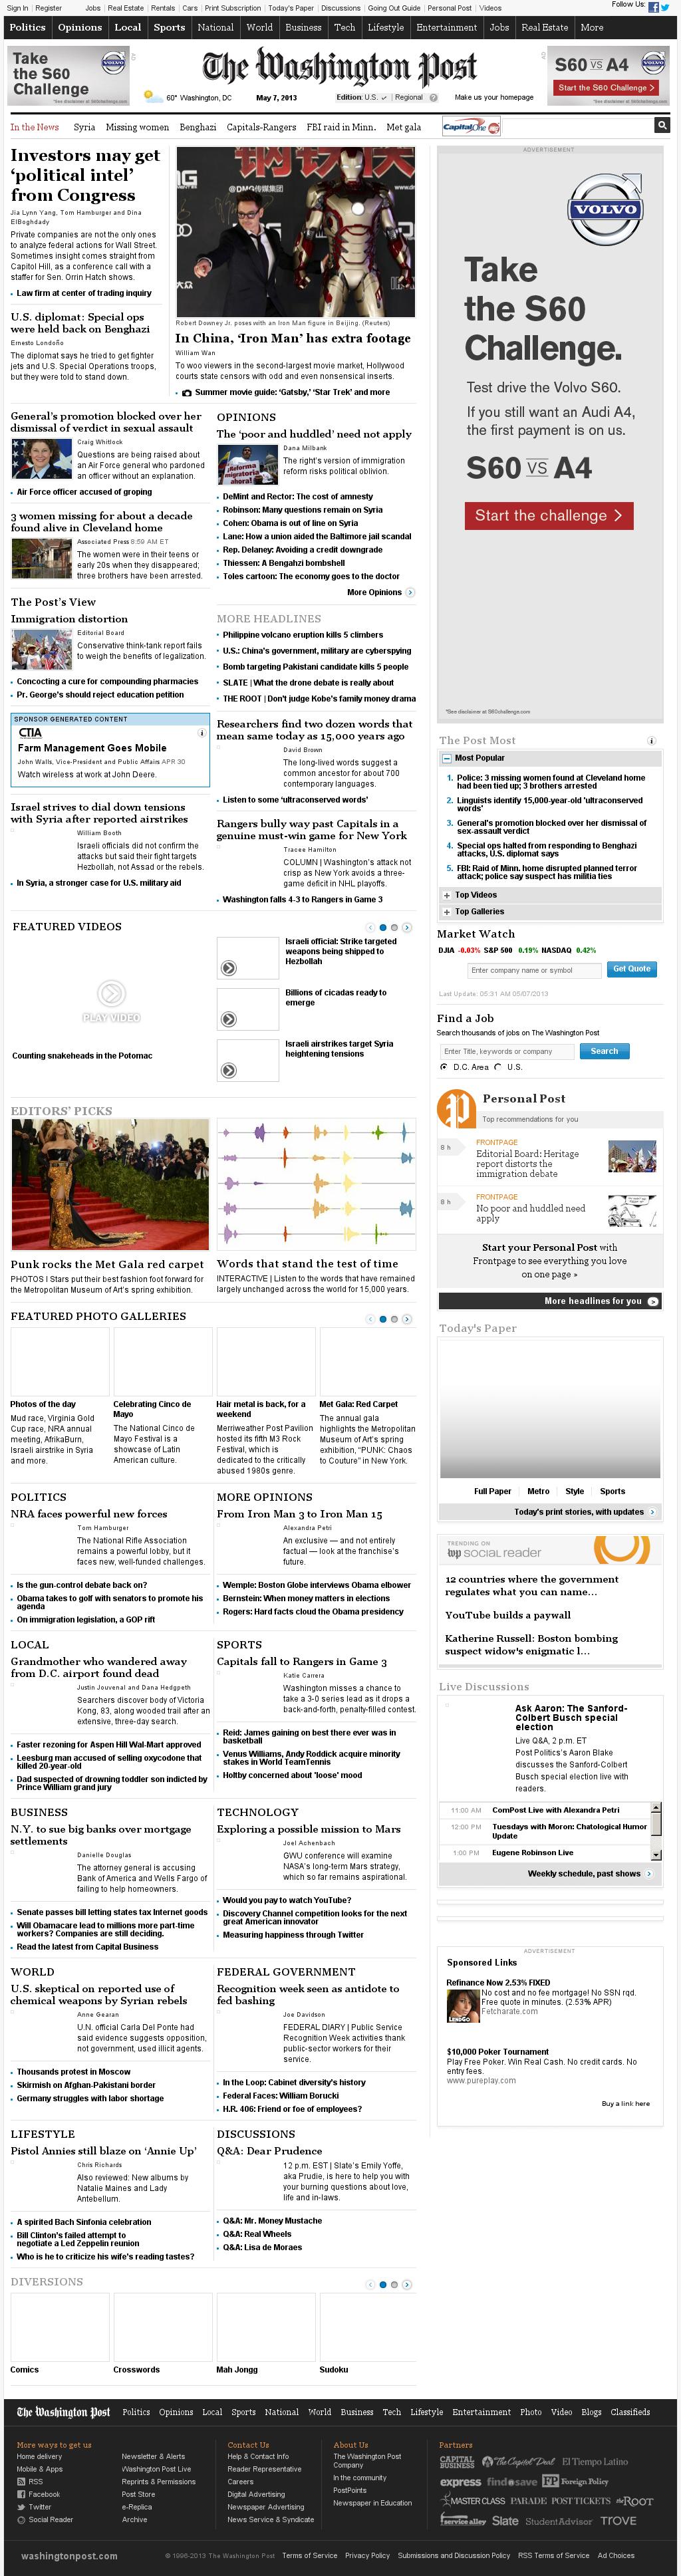 The Washington Post at Tuesday May 7, 2013, 9:34 a.m. UTC